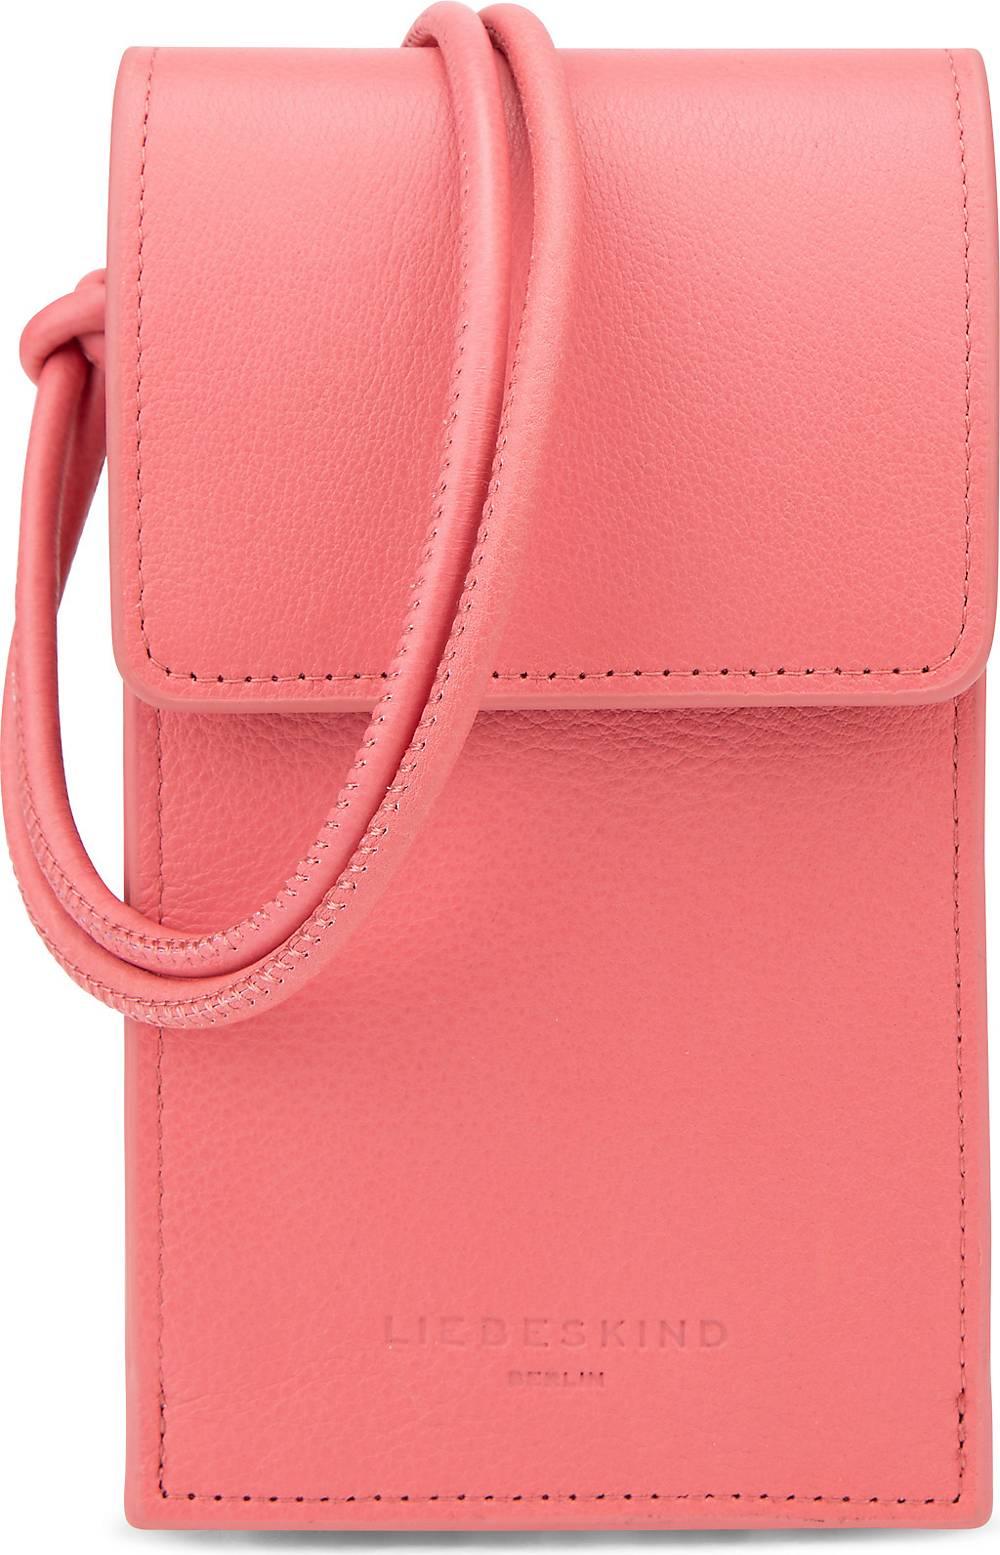 Liebeskind, Handytasche in pink, Handyhüllen & Zubehör für Damen